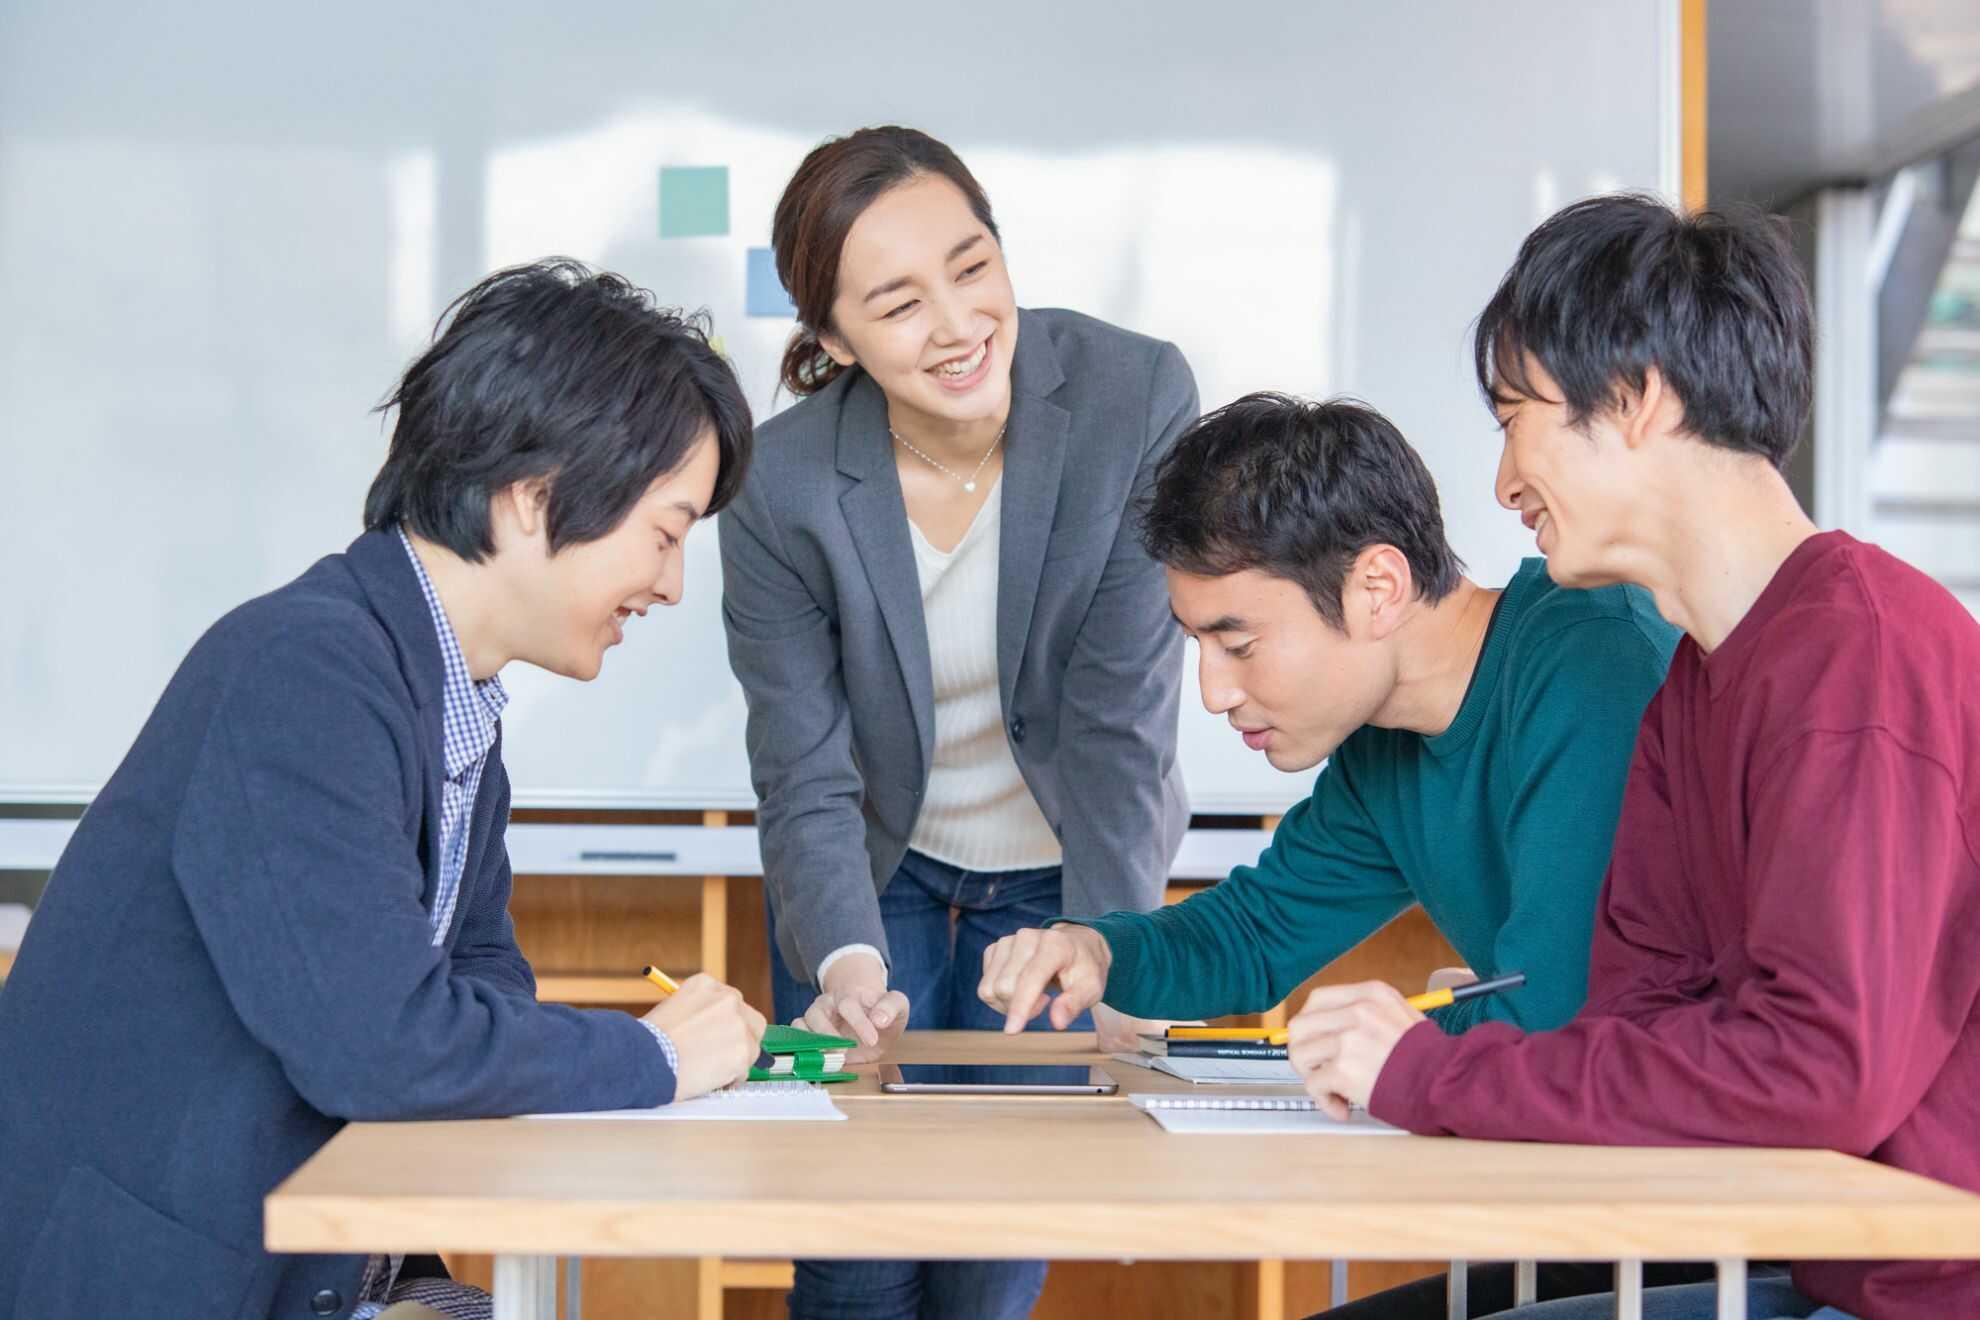 机を囲んで談笑している男女